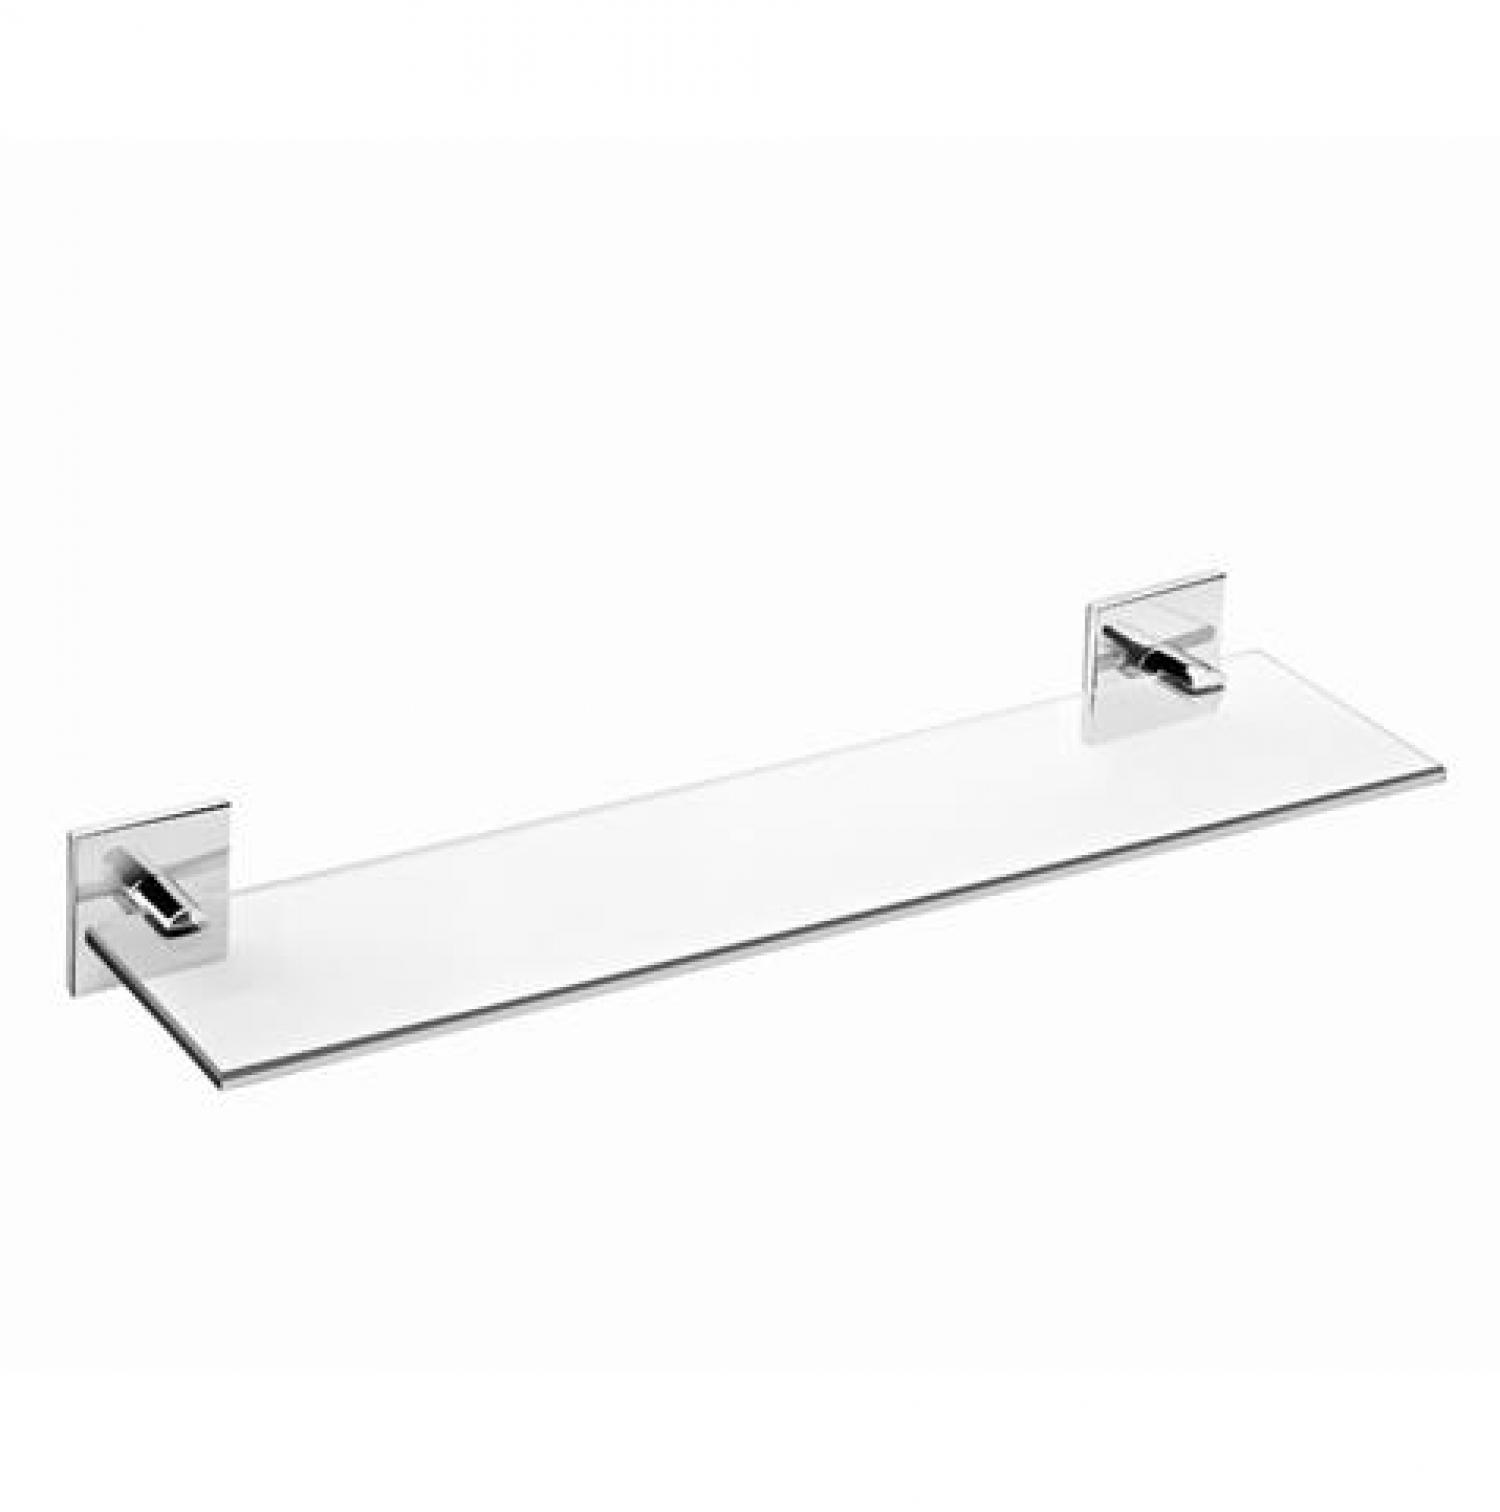 tablette salle de bain en verre 40 cm a coller duo square bath